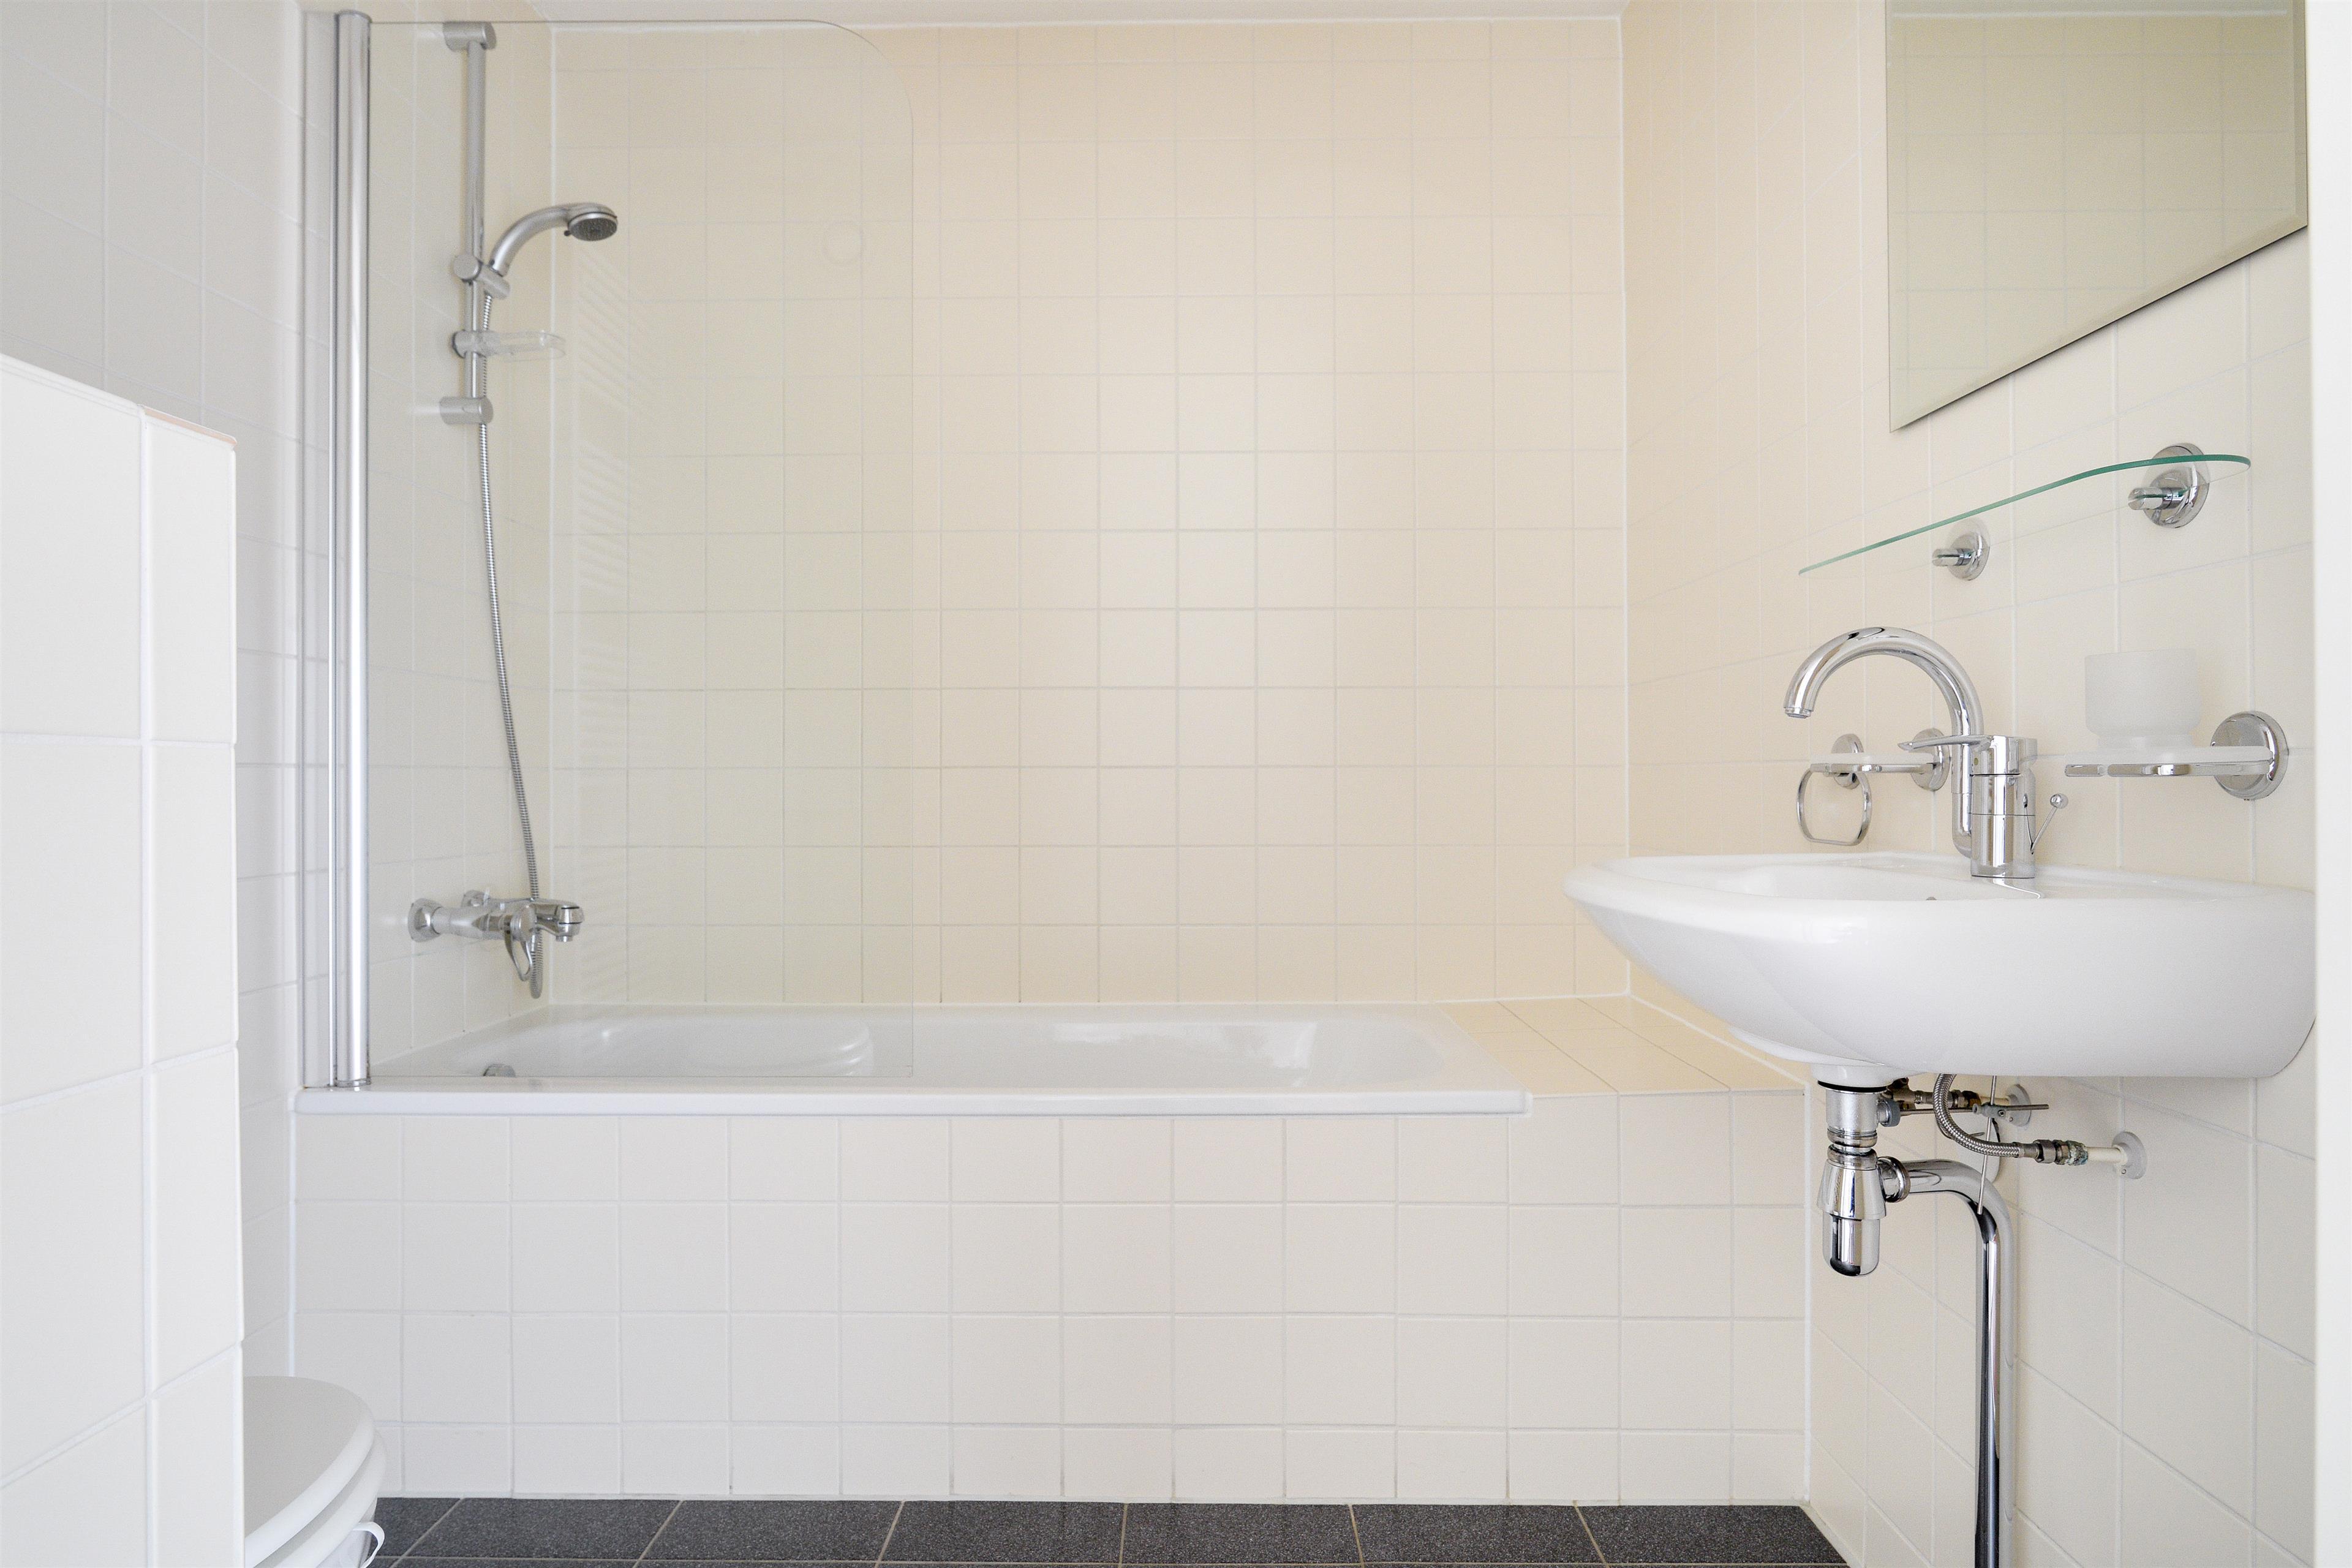 24 plete badkamer te koop brigee